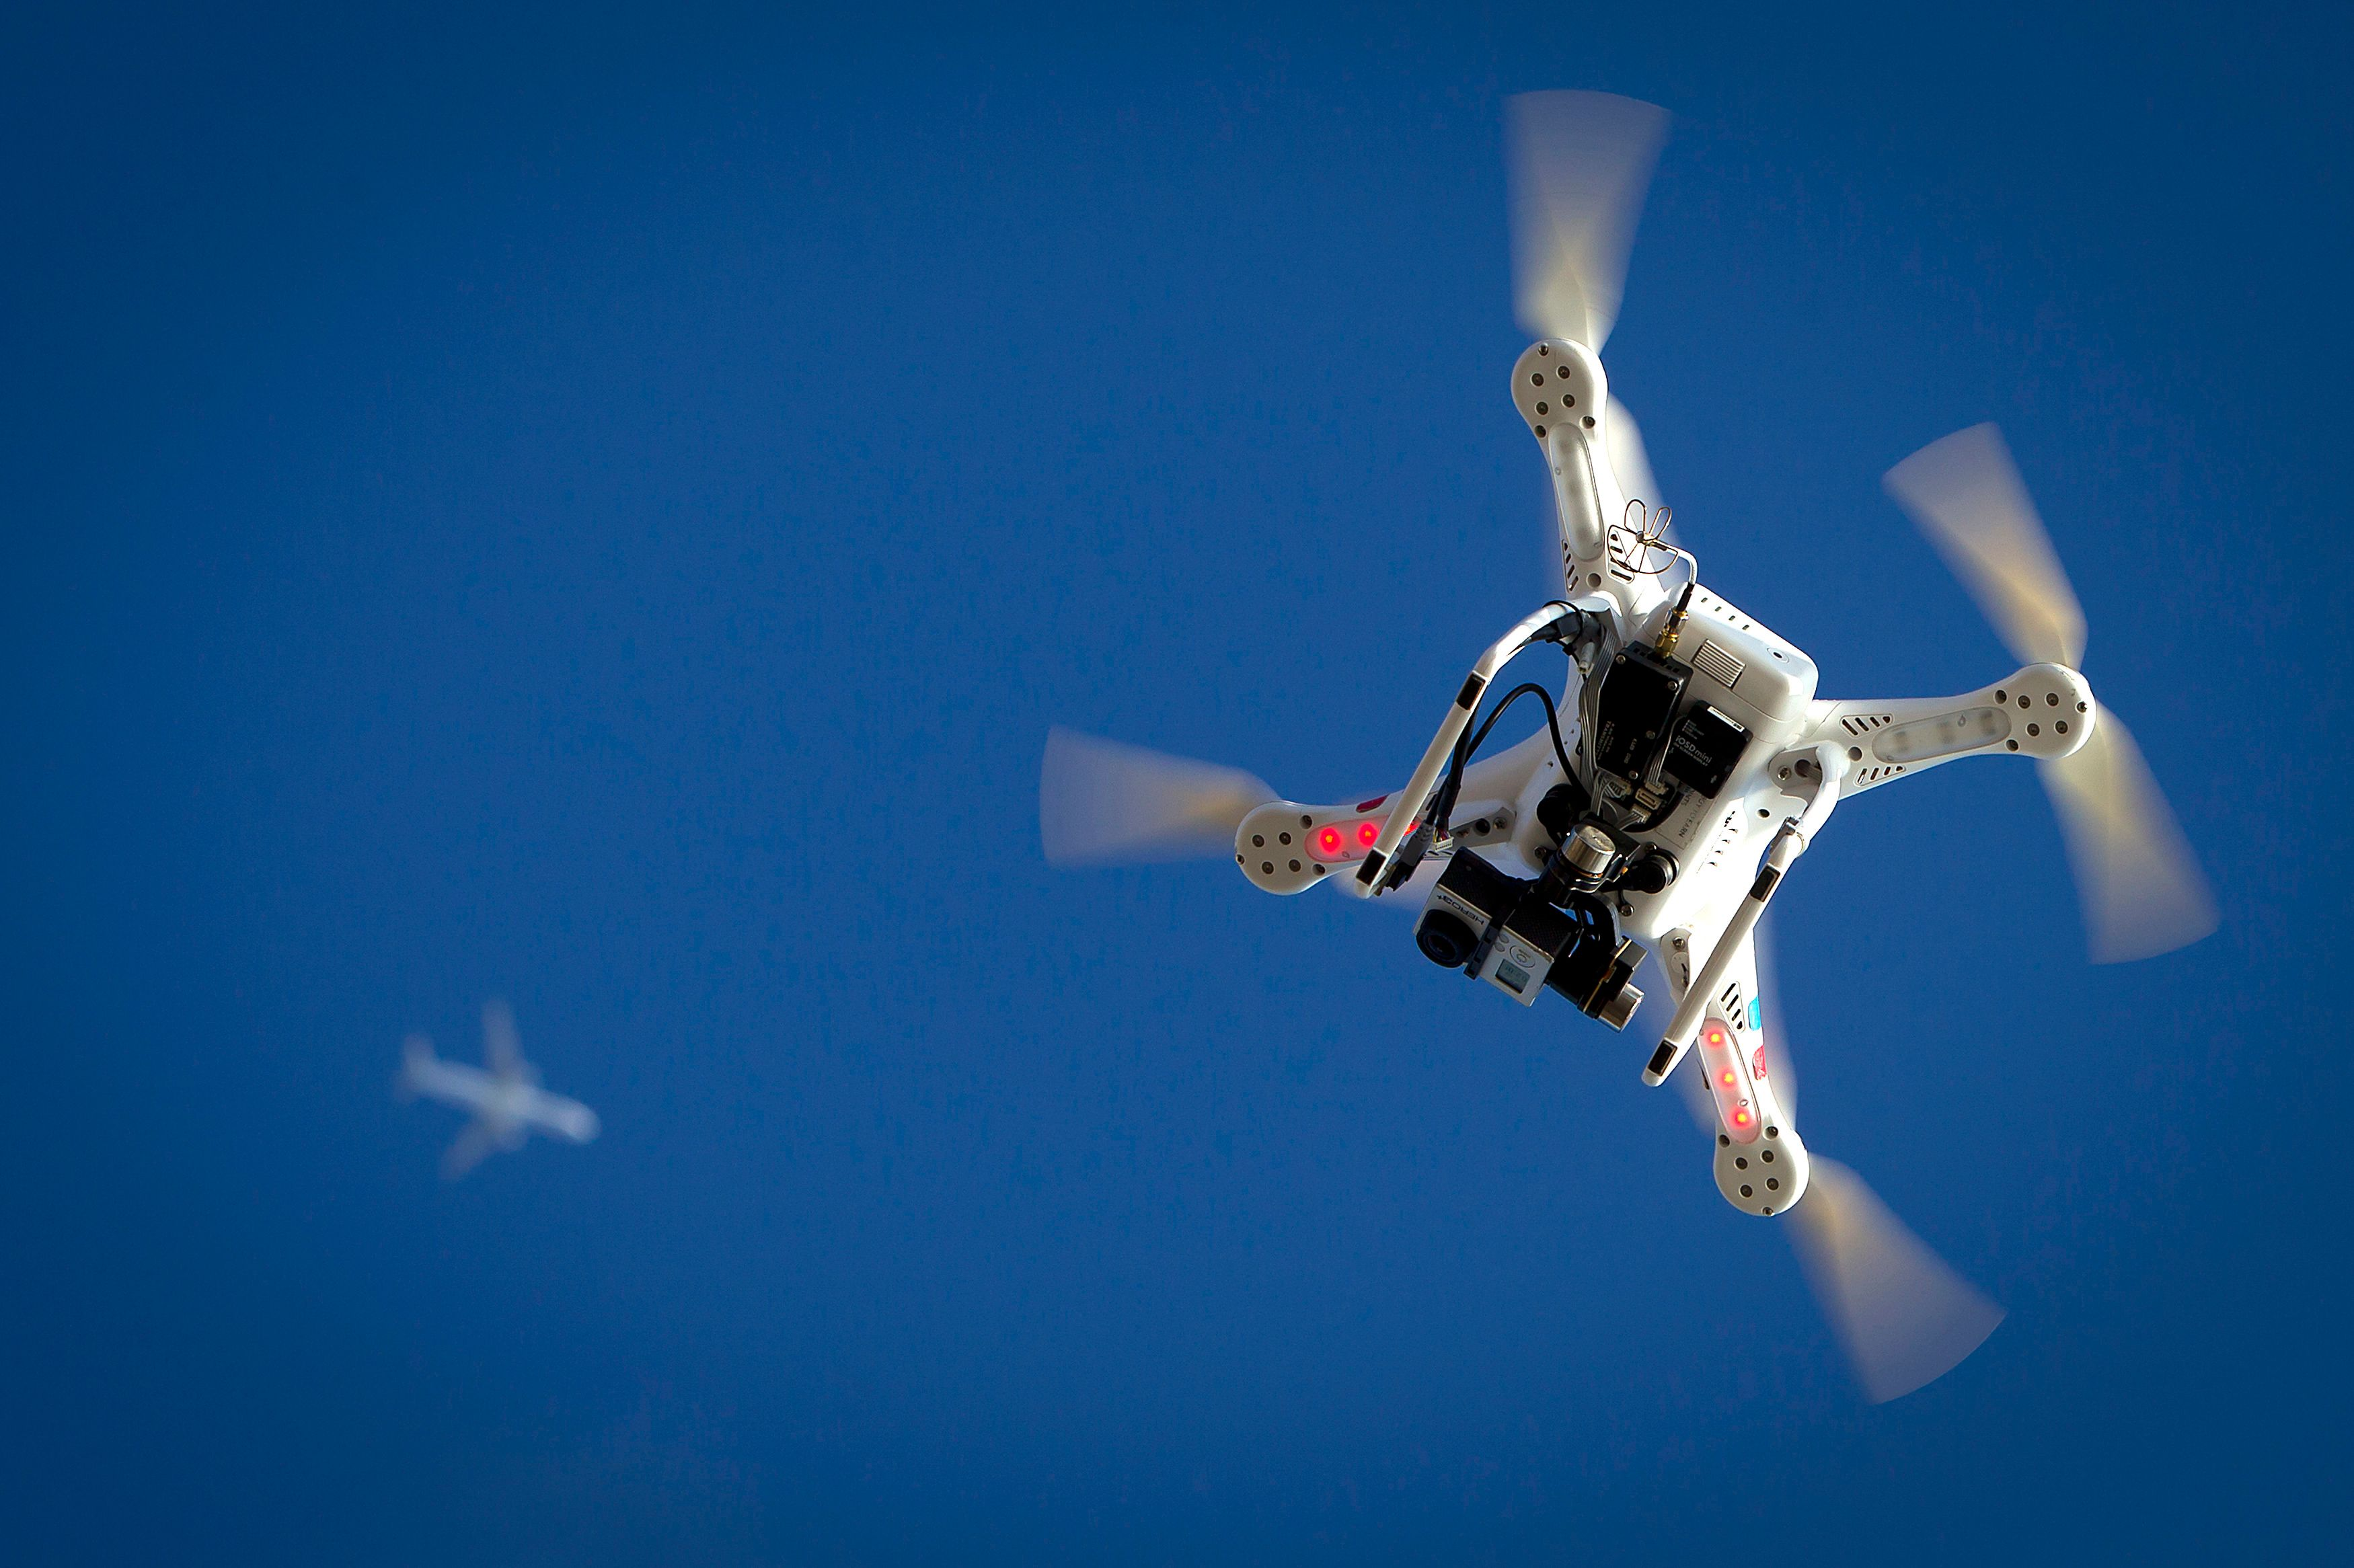 Les drones font de nouveau parler d'eux